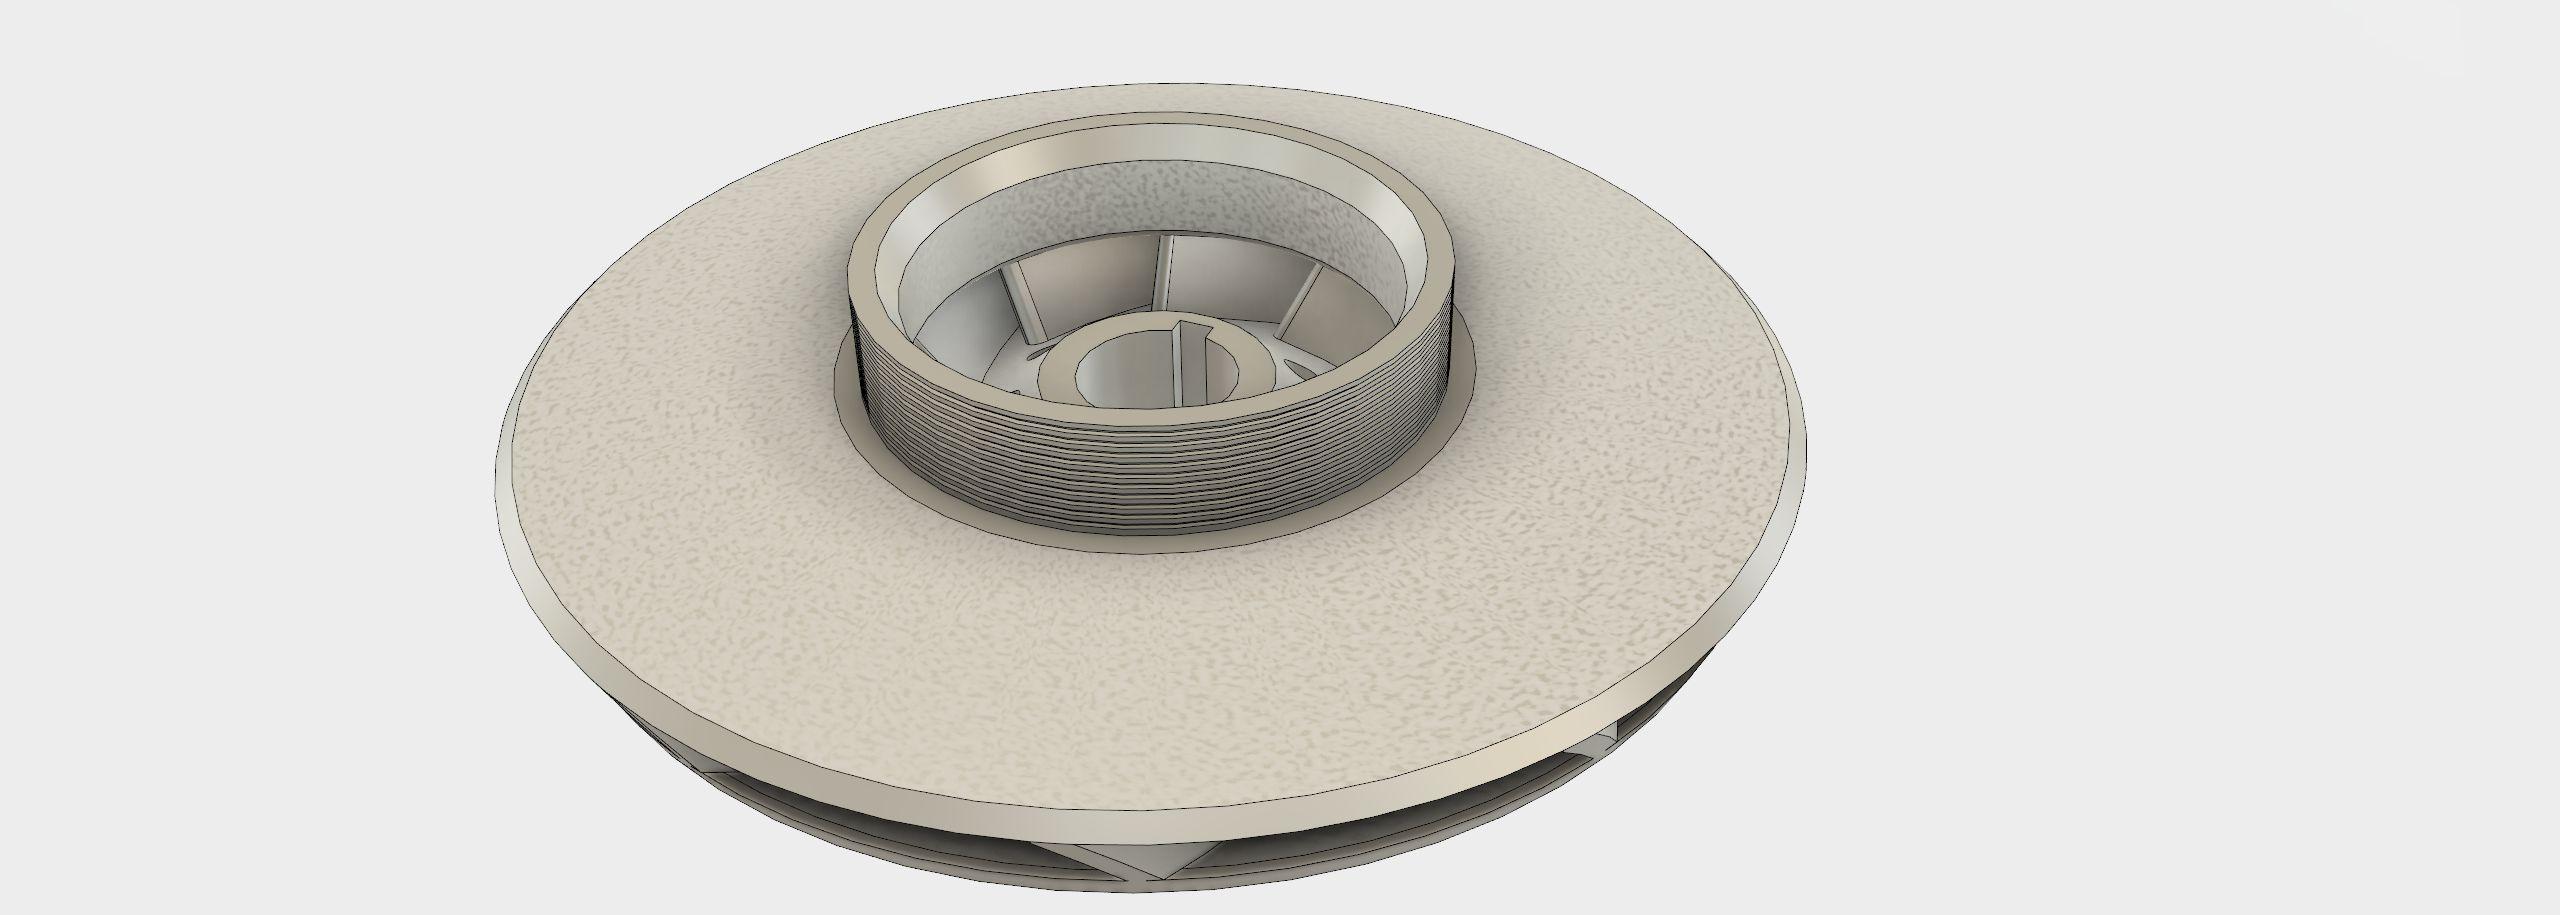 Impeller-x-v7h-3500-3500